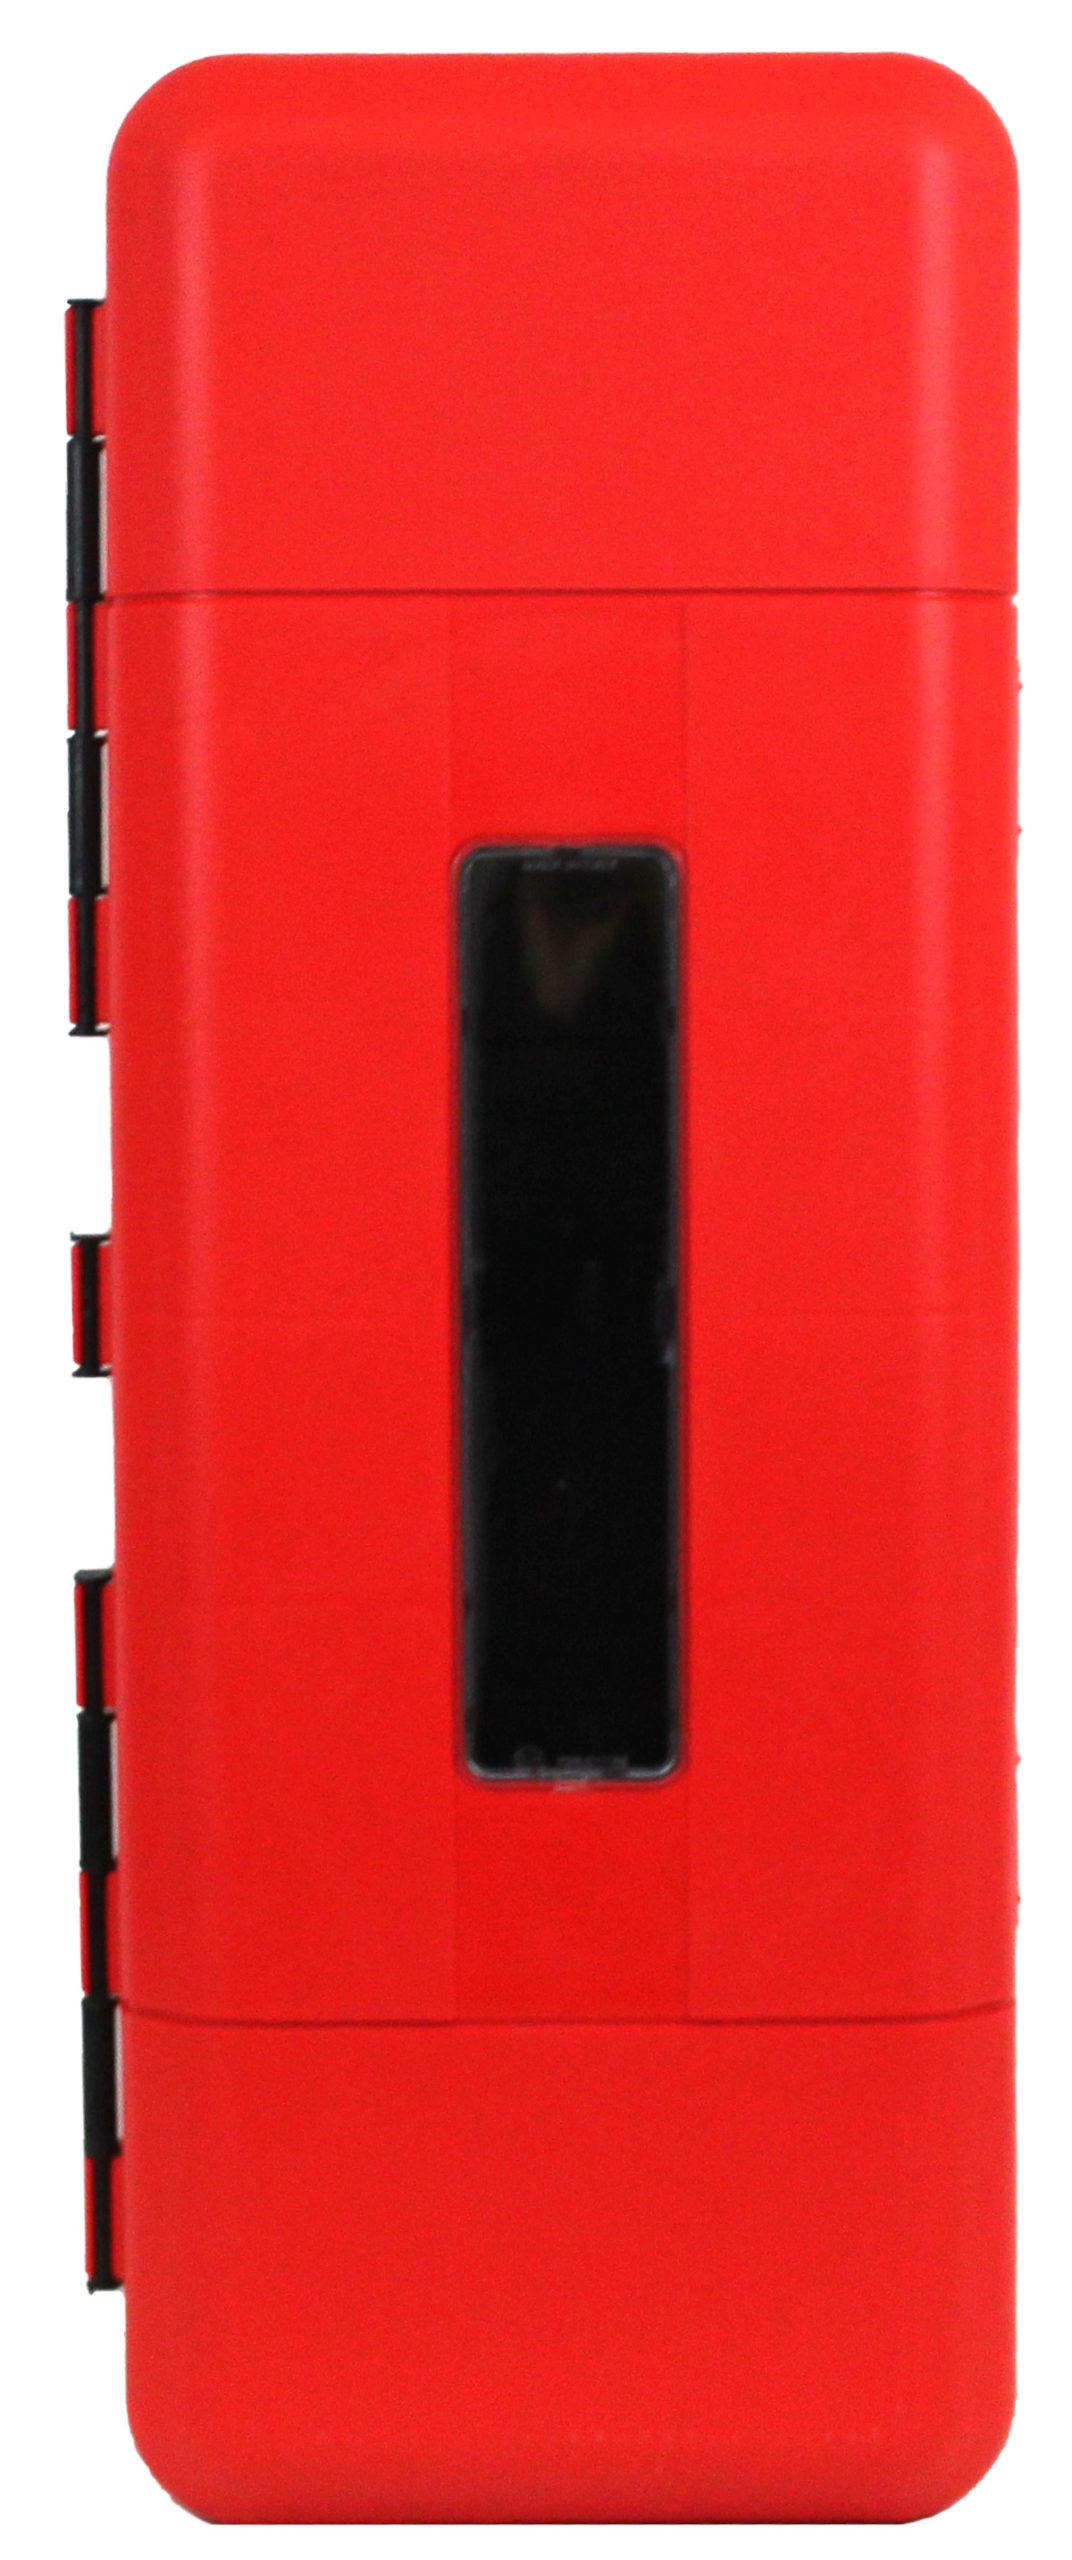 Beschermkast BT865 voor blustoestellen tot 12kg